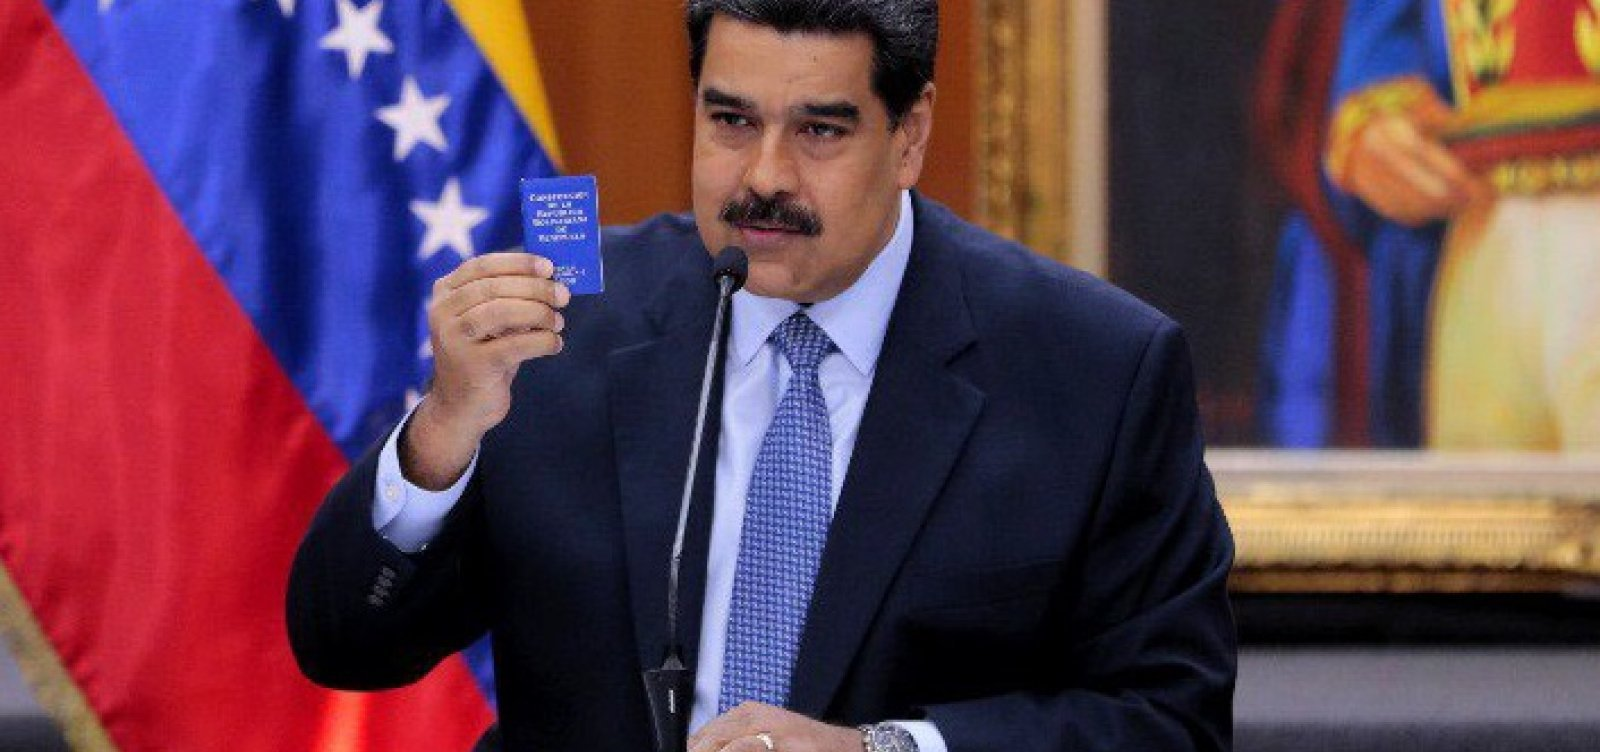 ['Os próximos dias definirão o futuro entre guerra e paz', diz Maduro em carta aos EUA]